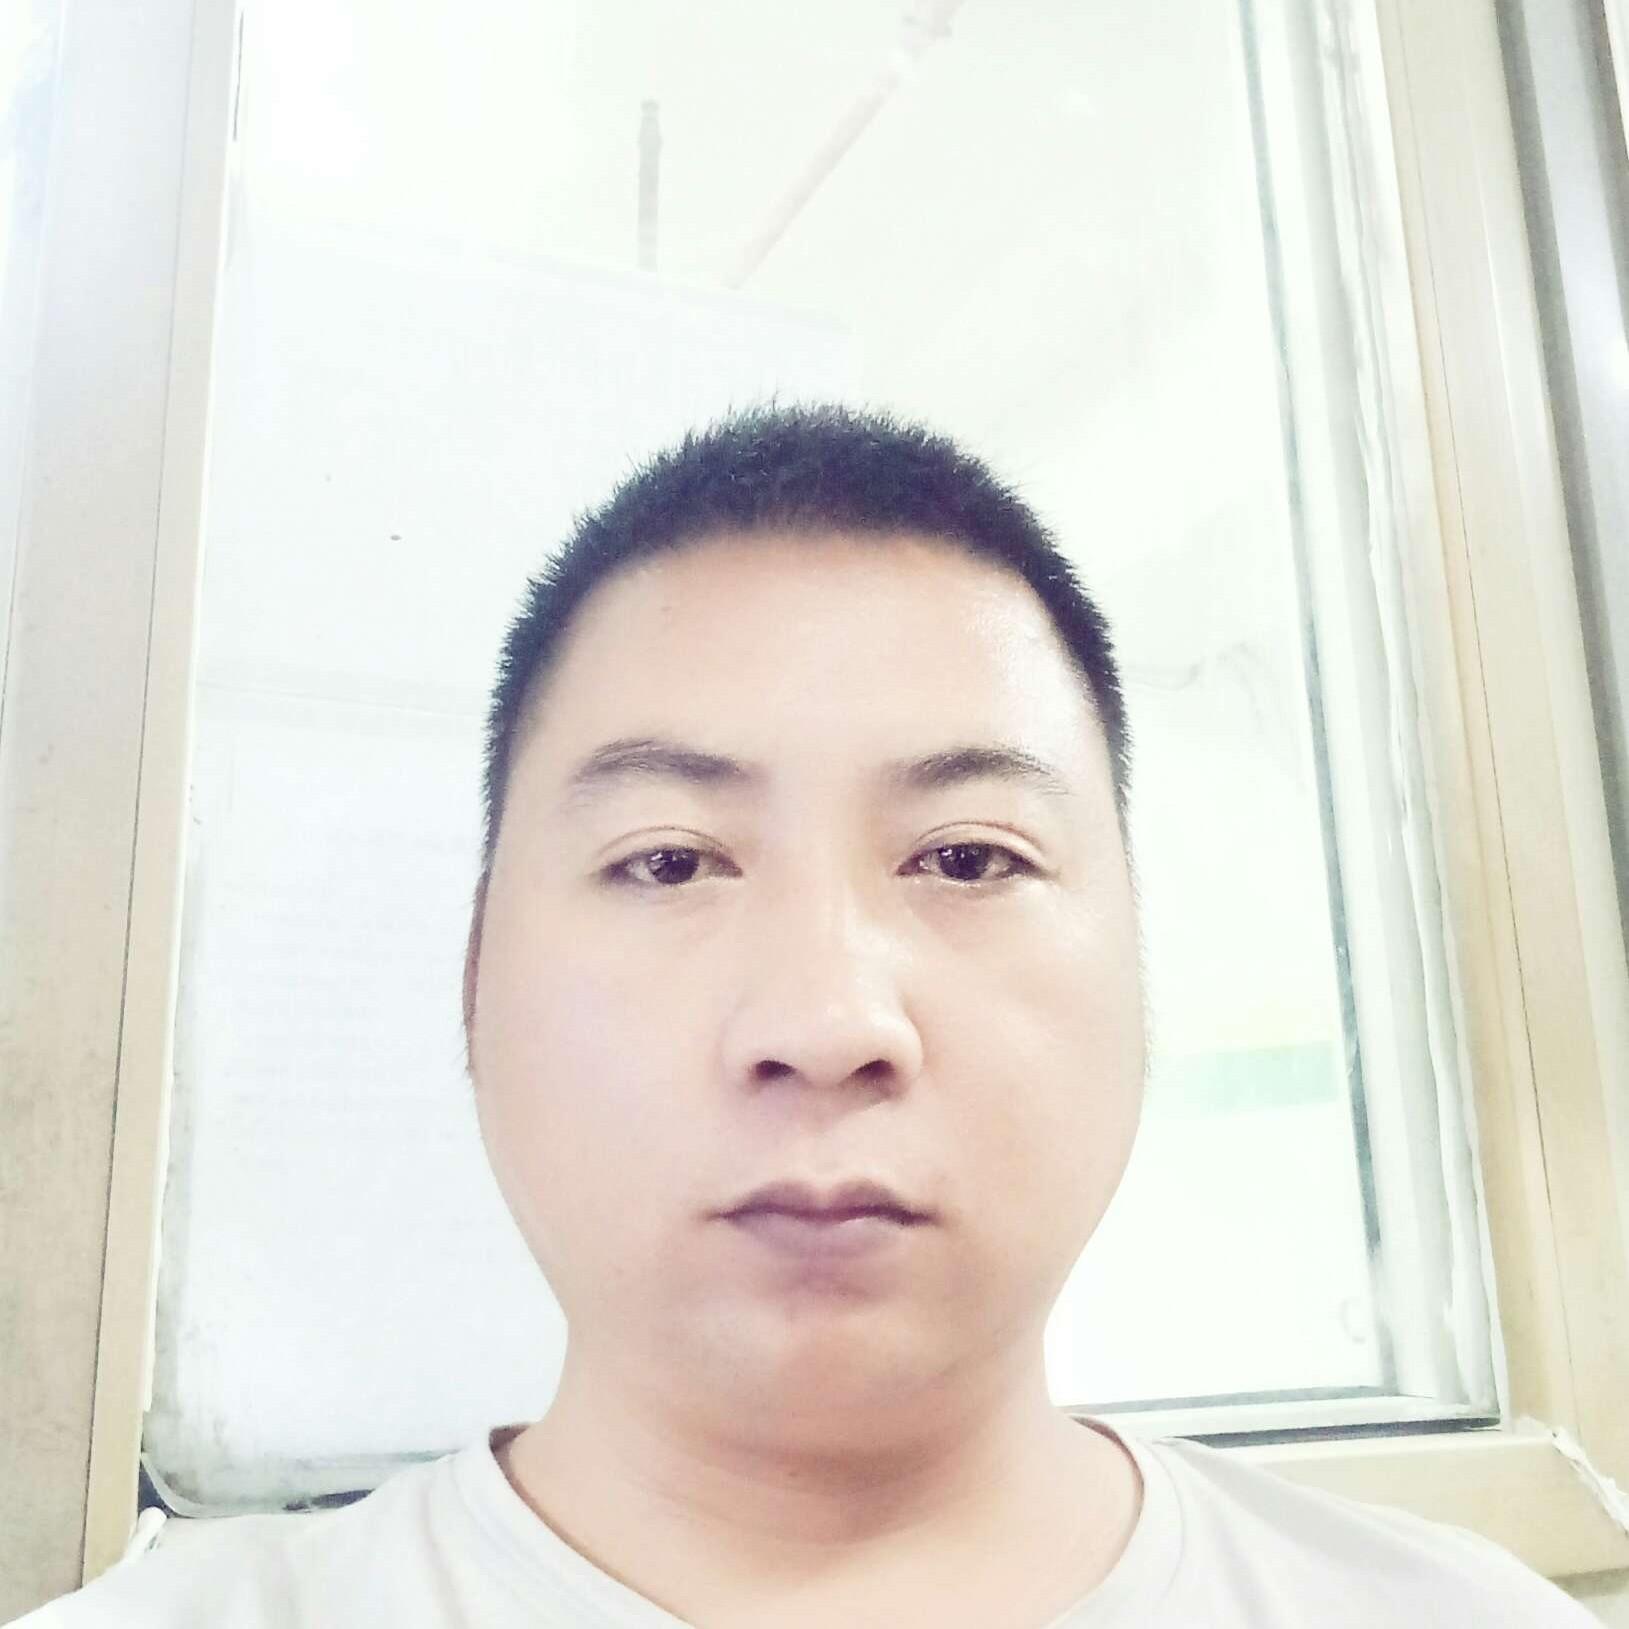 努力变得更好华哥的照片